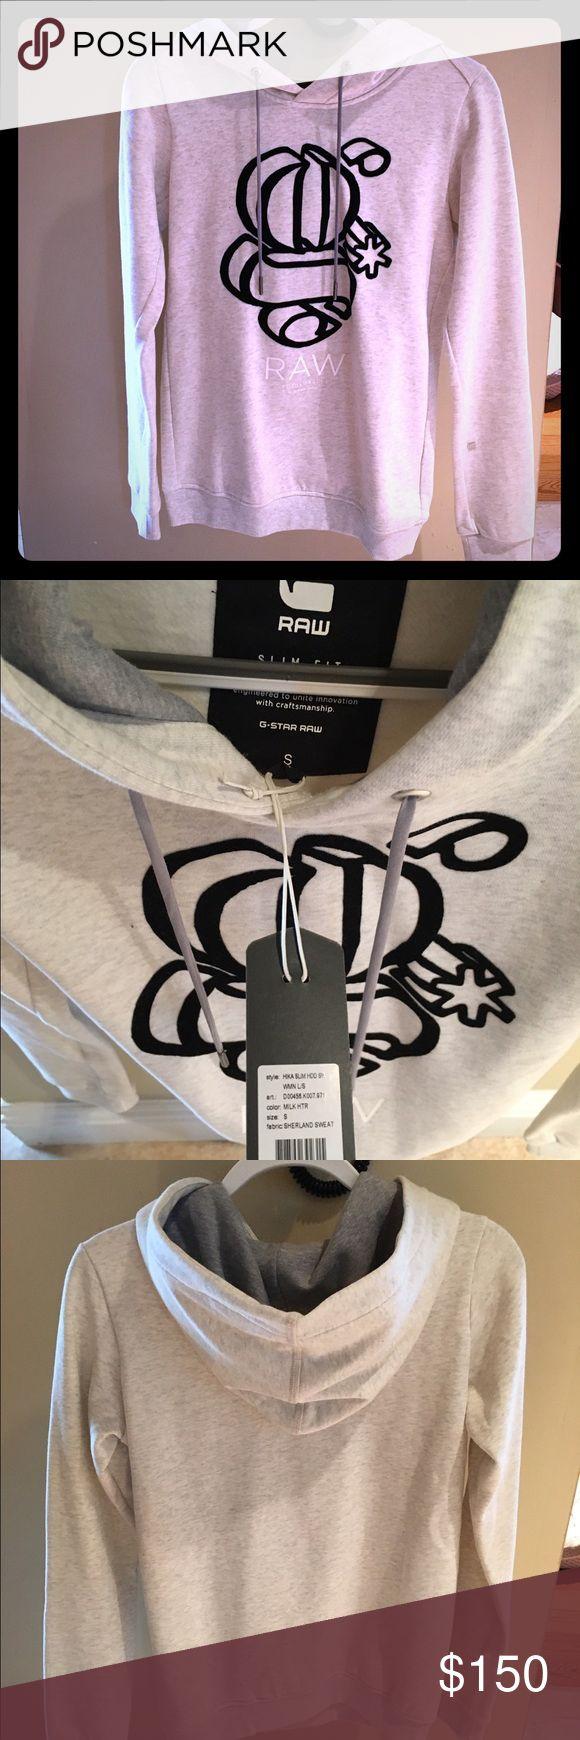 G star raw sweat shirt size small G Star Raw NWT sweat shirt in perfect condition! Size small. G-Star Tops Sweatshirts & Hoodies